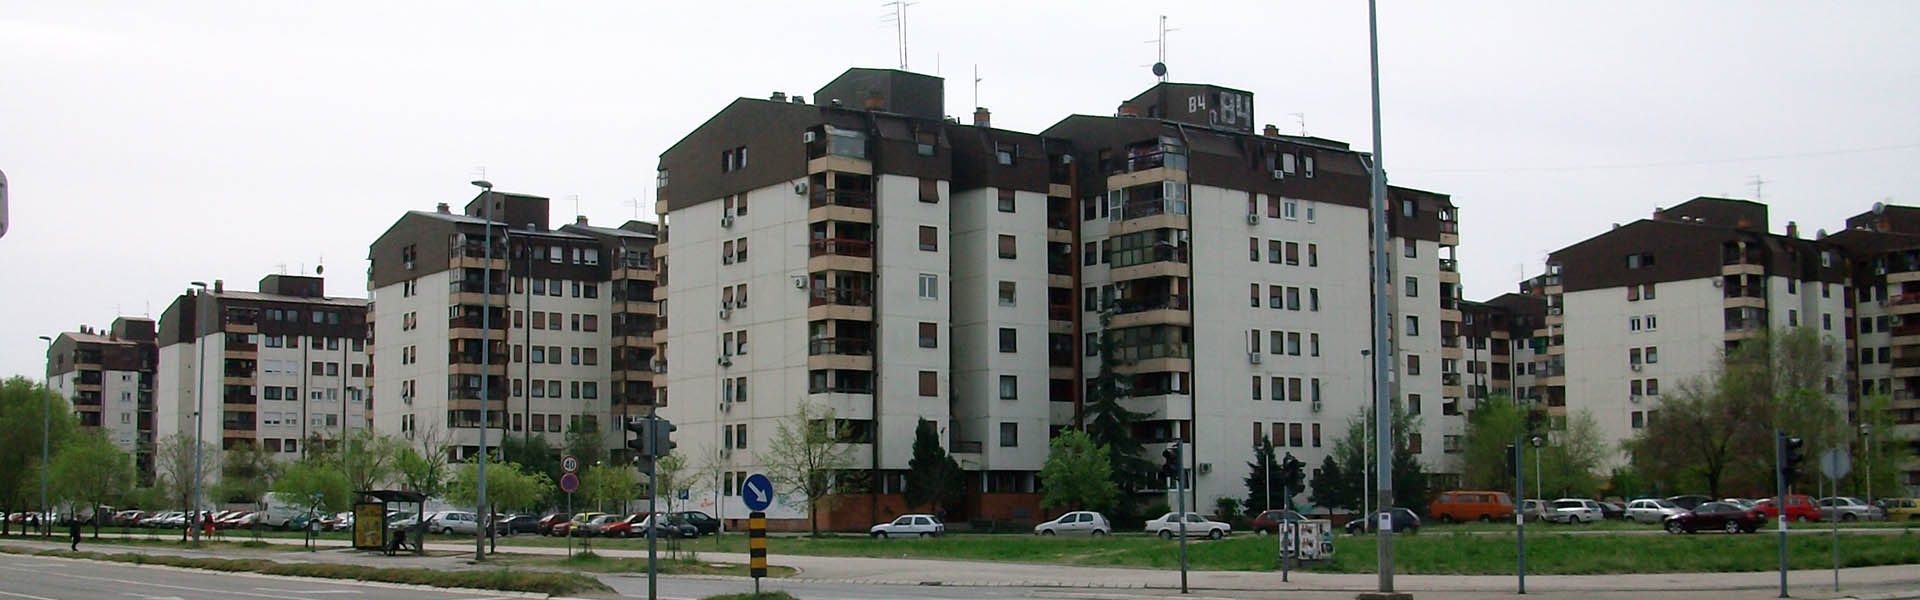 Dostava hrane Bežanija | Beograd